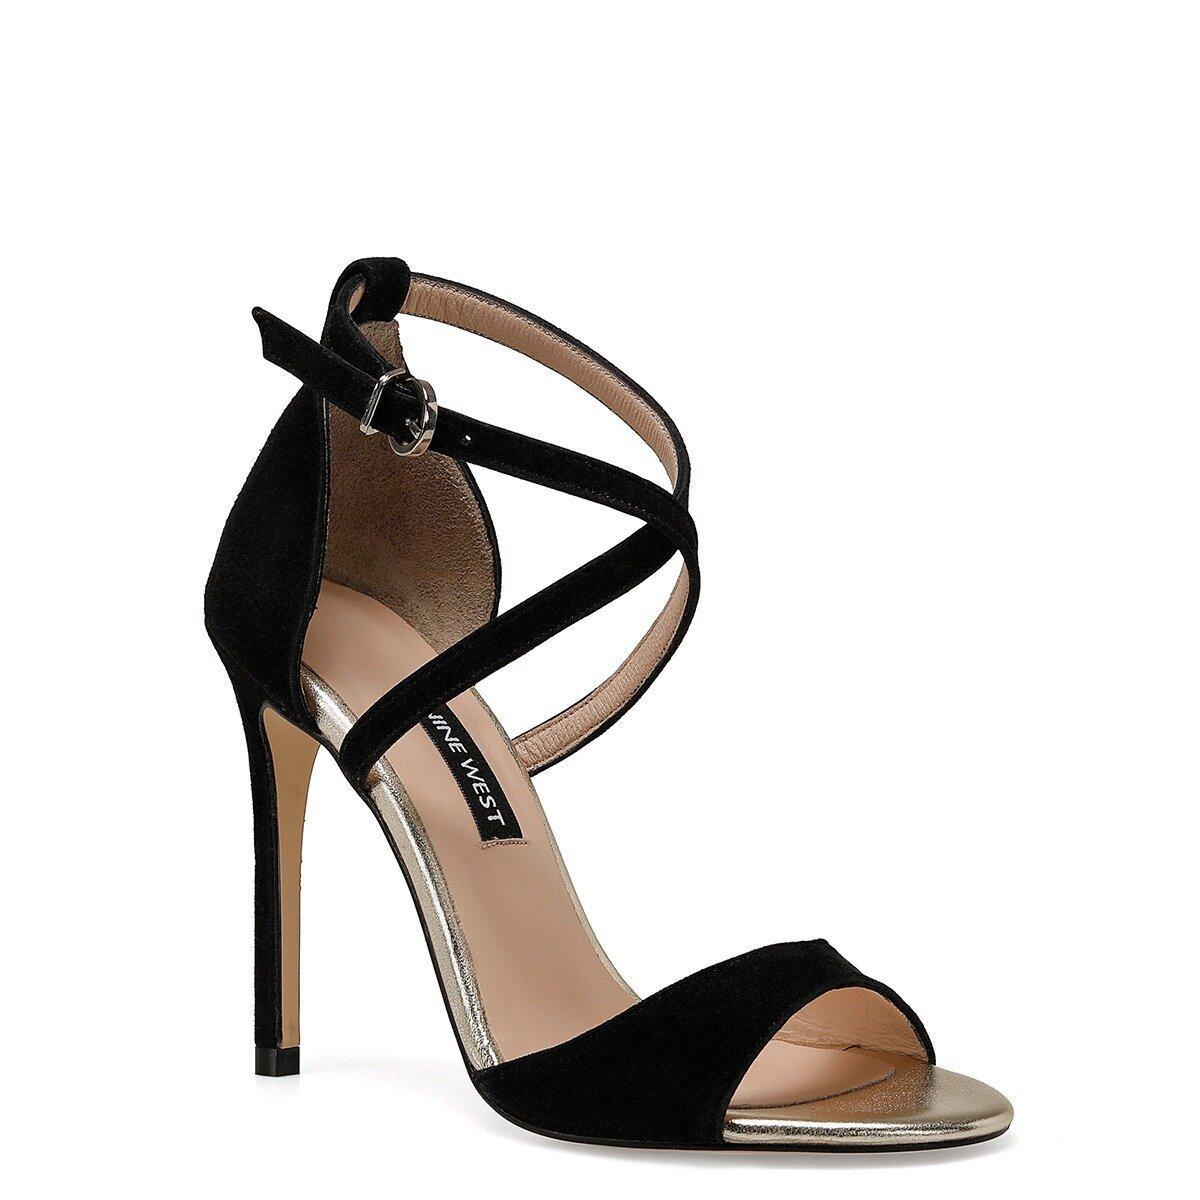 MORINA Siyah Kadın Topuklu Ayakkabı